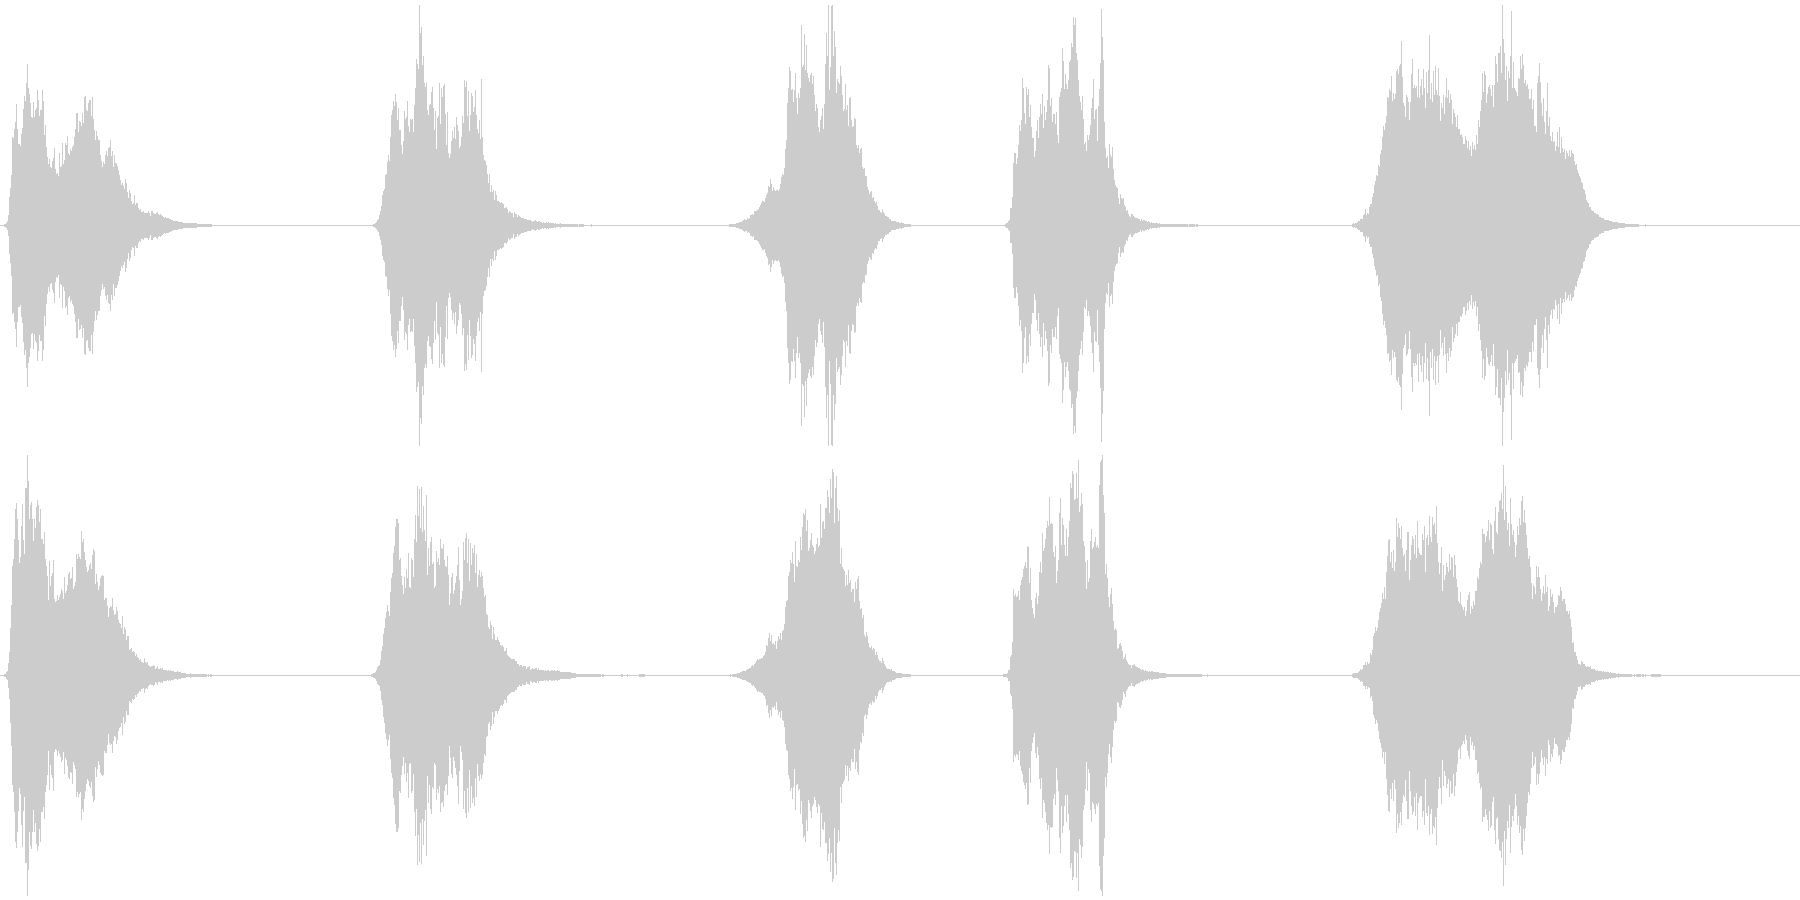 ドライアイス;不気味なハイメタルス...の未再生の波形